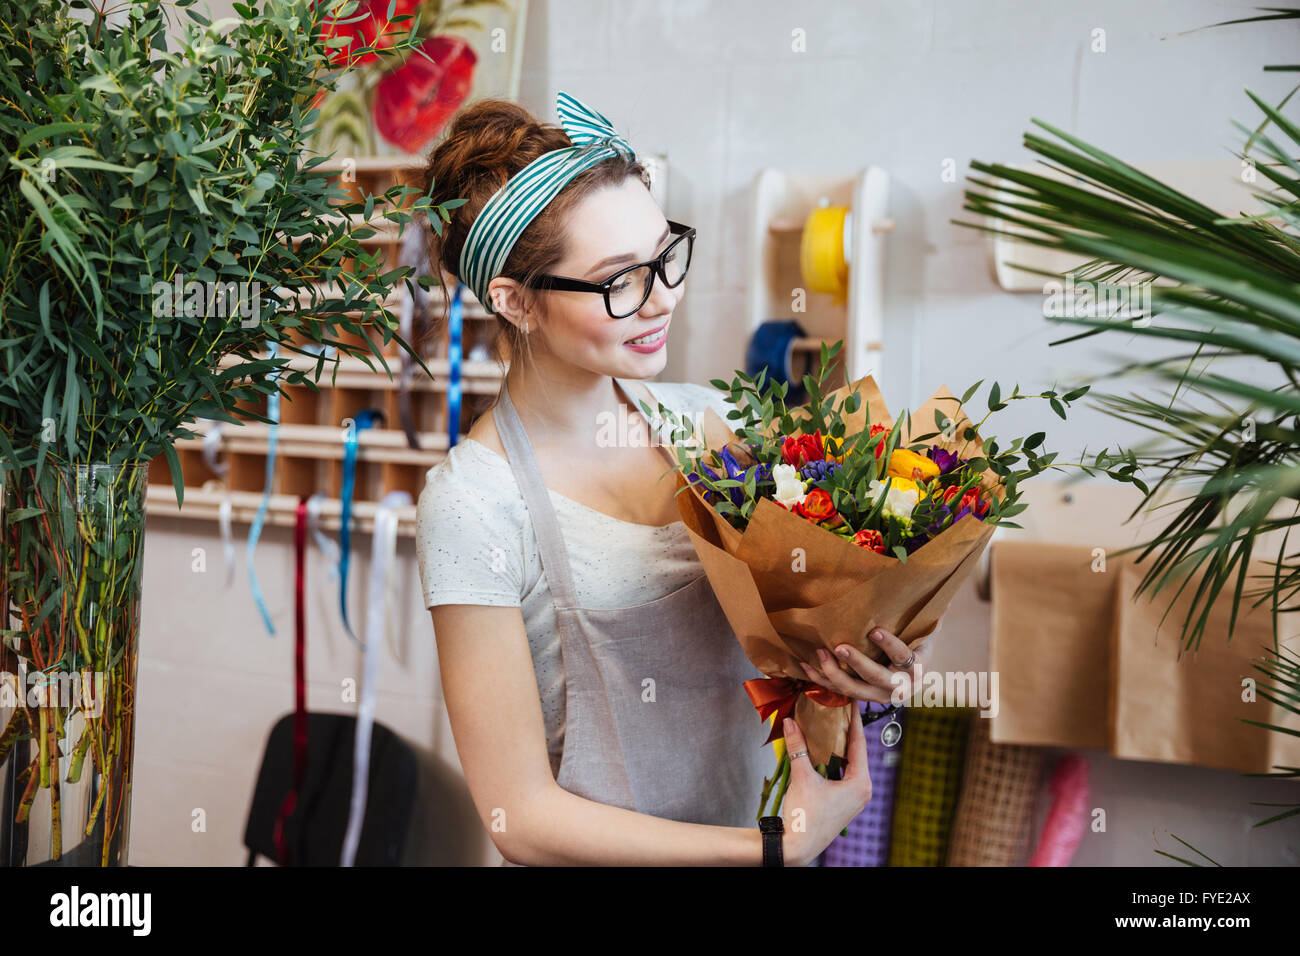 Sorridente attraente giovane donna fioraio permanente e la holding bouquet di fiori in negozio Immagini Stock